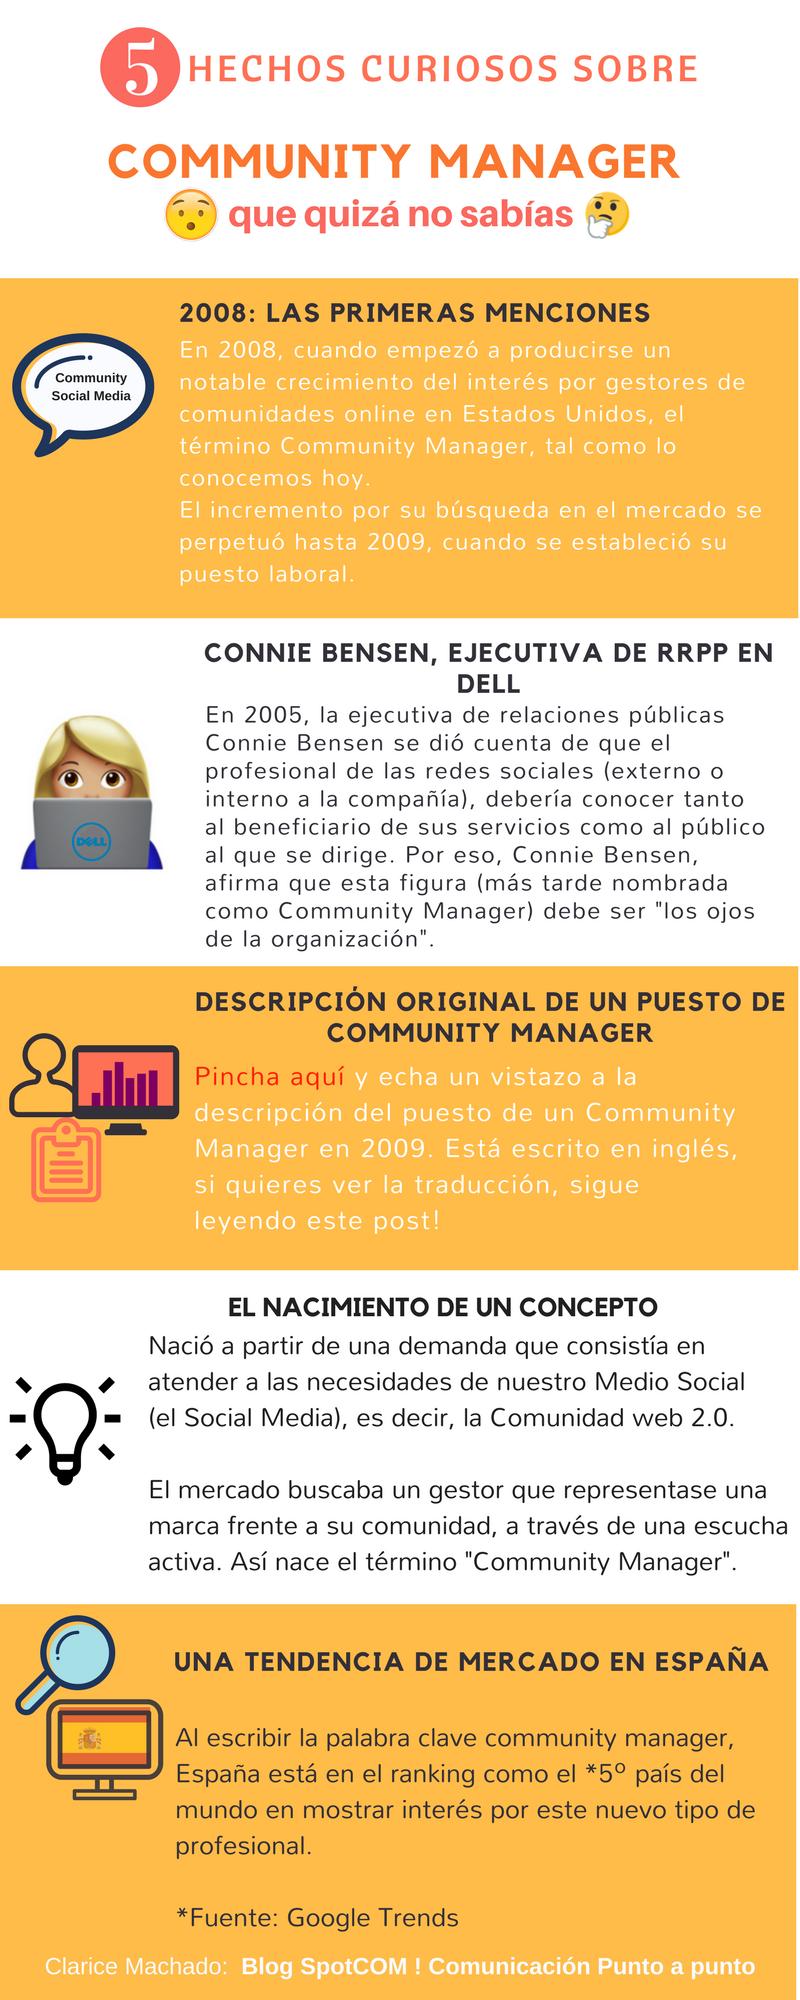 Community Manager Comunidad Estados Unidos Crecimiento